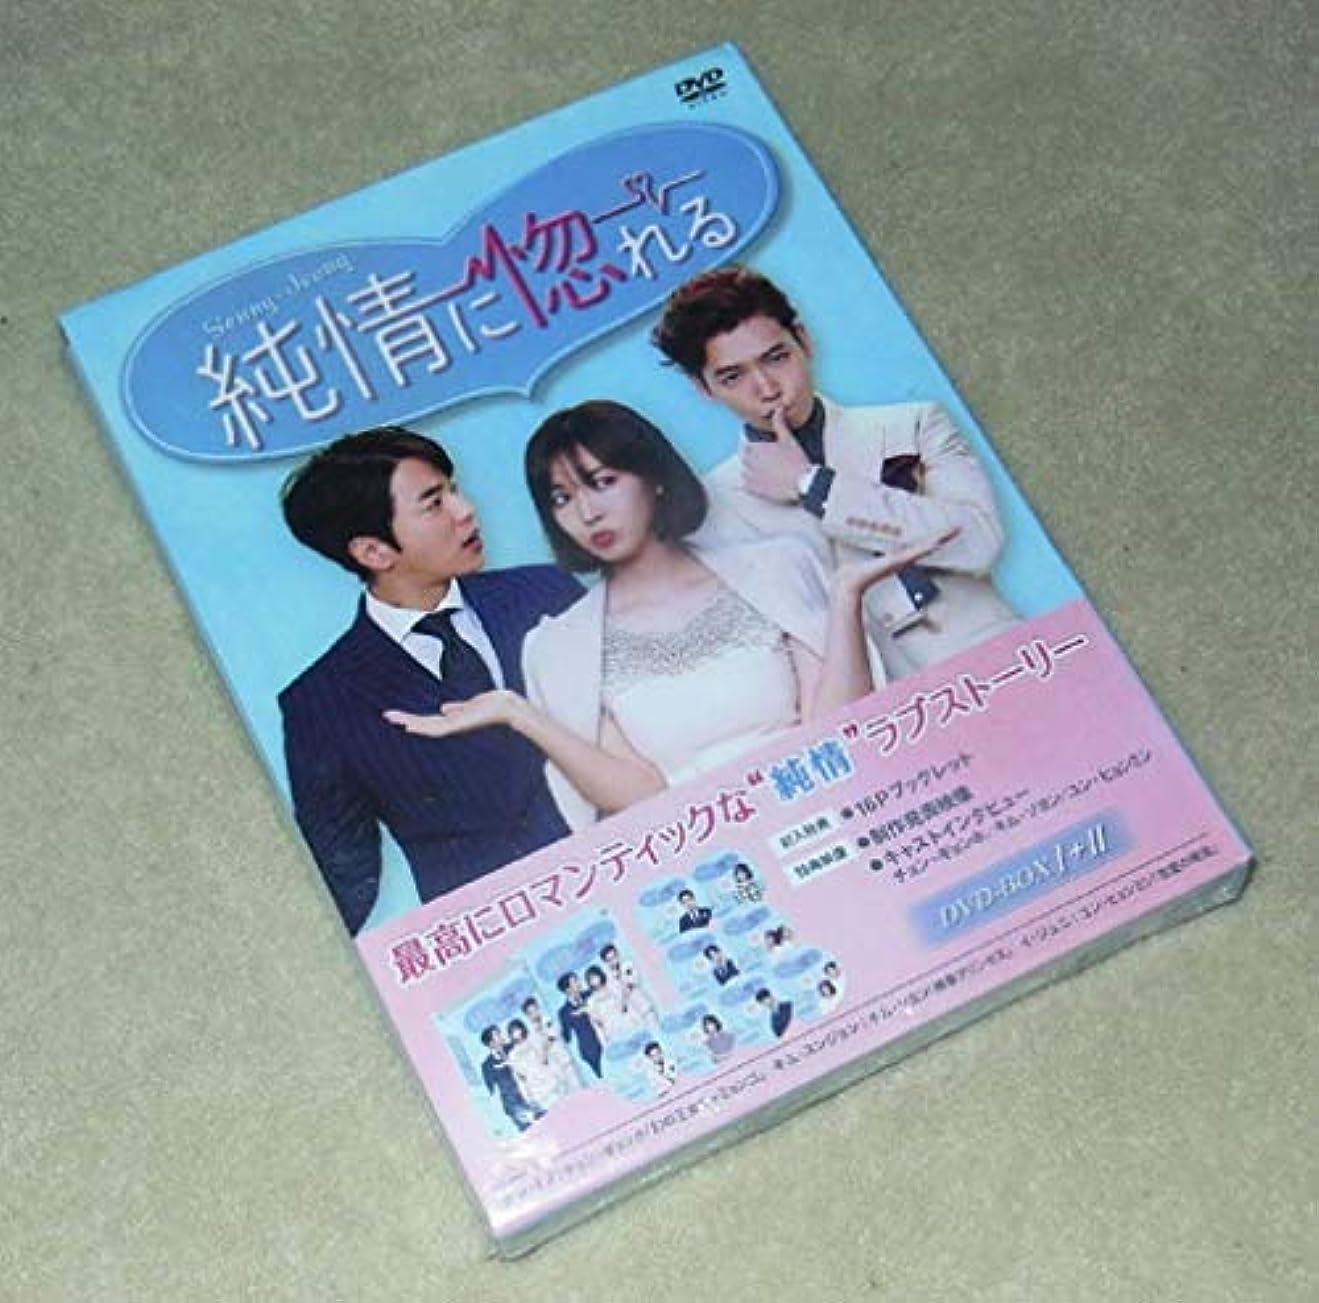 無数の借りている気配りのある純情に惚れる DVD- BOX1+2 16話 本編950分+特典105分 8枚組 韓国語/日本語字幕